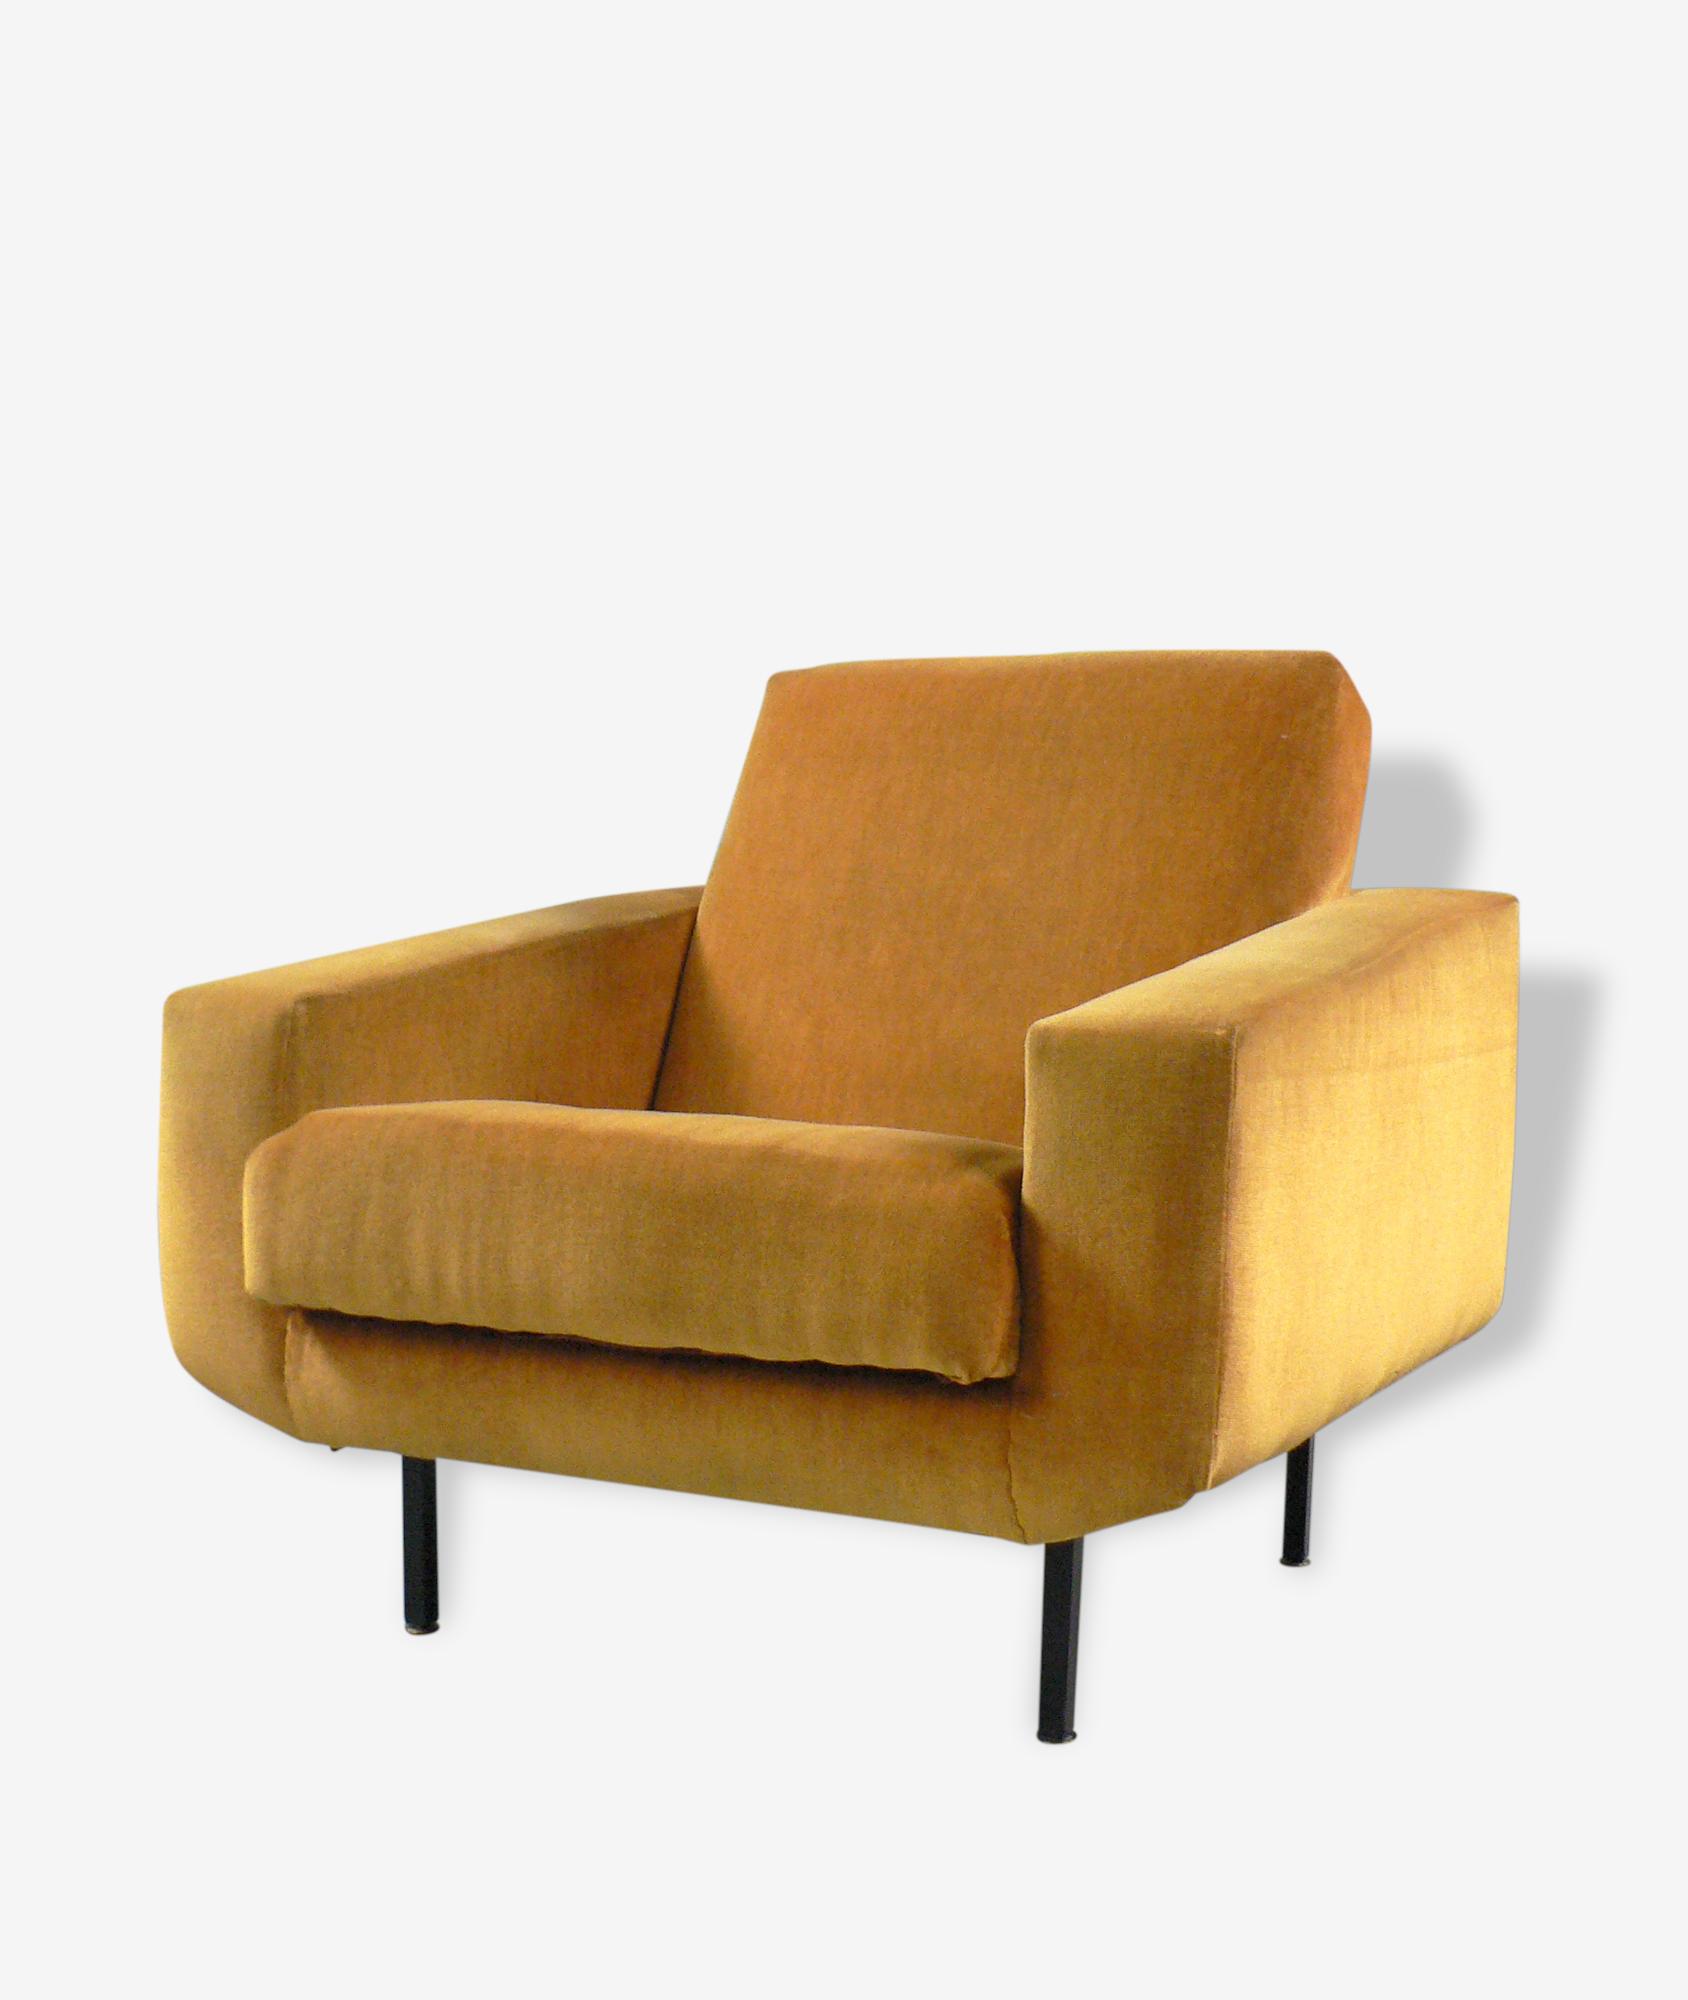 Paire de fauteuils 50s velours ocre.